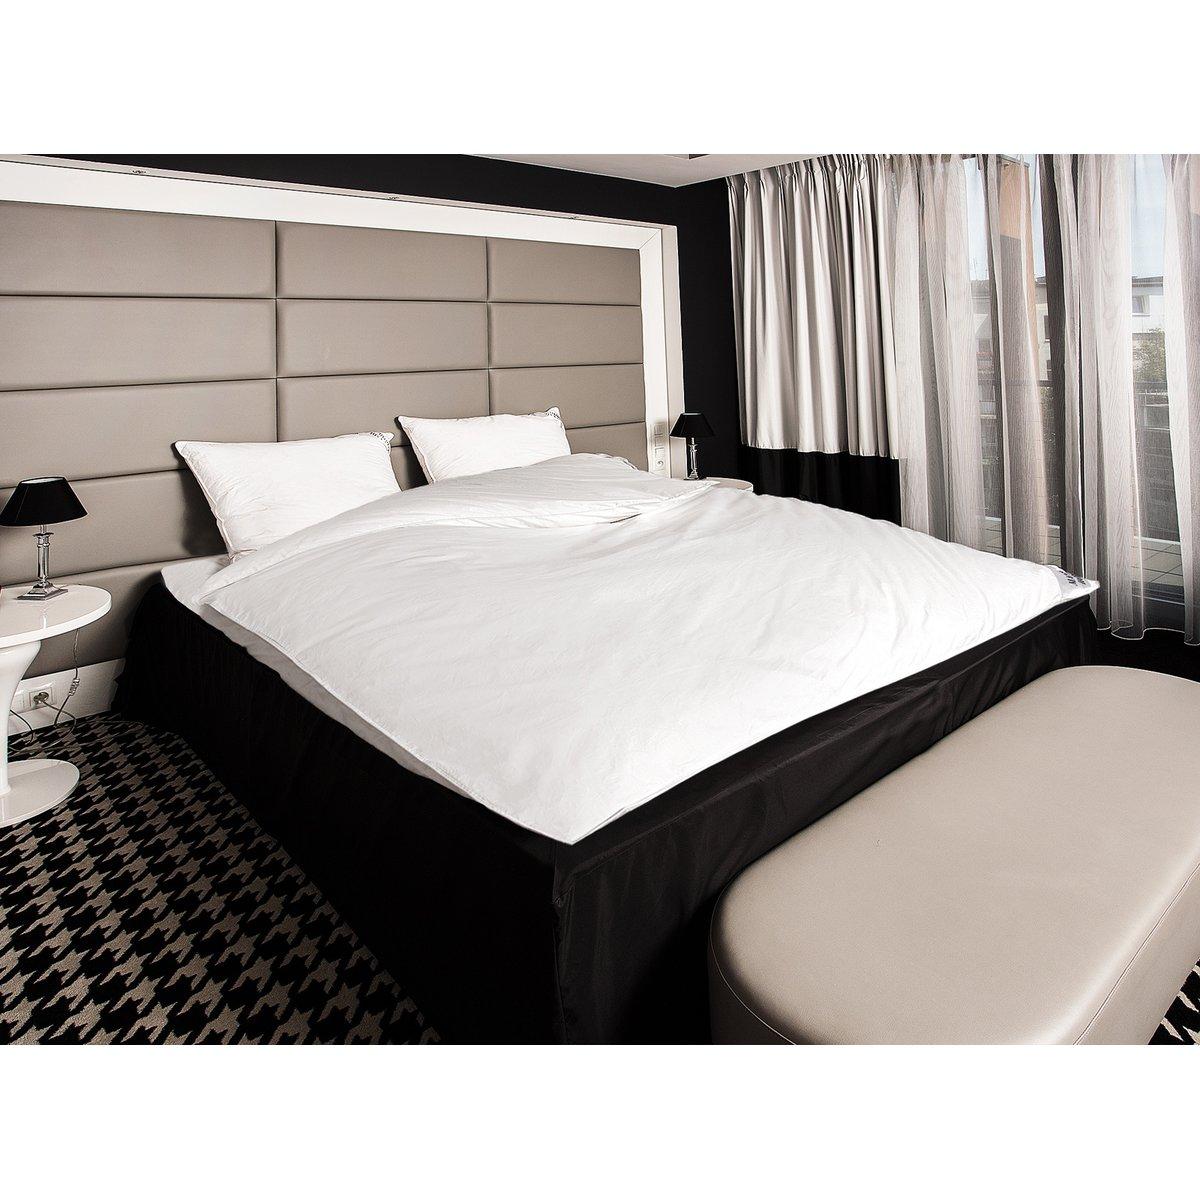 hs63 ballonbett bettdecke oberbett decke federbett 2600g 70 daunen 94 90. Black Bedroom Furniture Sets. Home Design Ideas